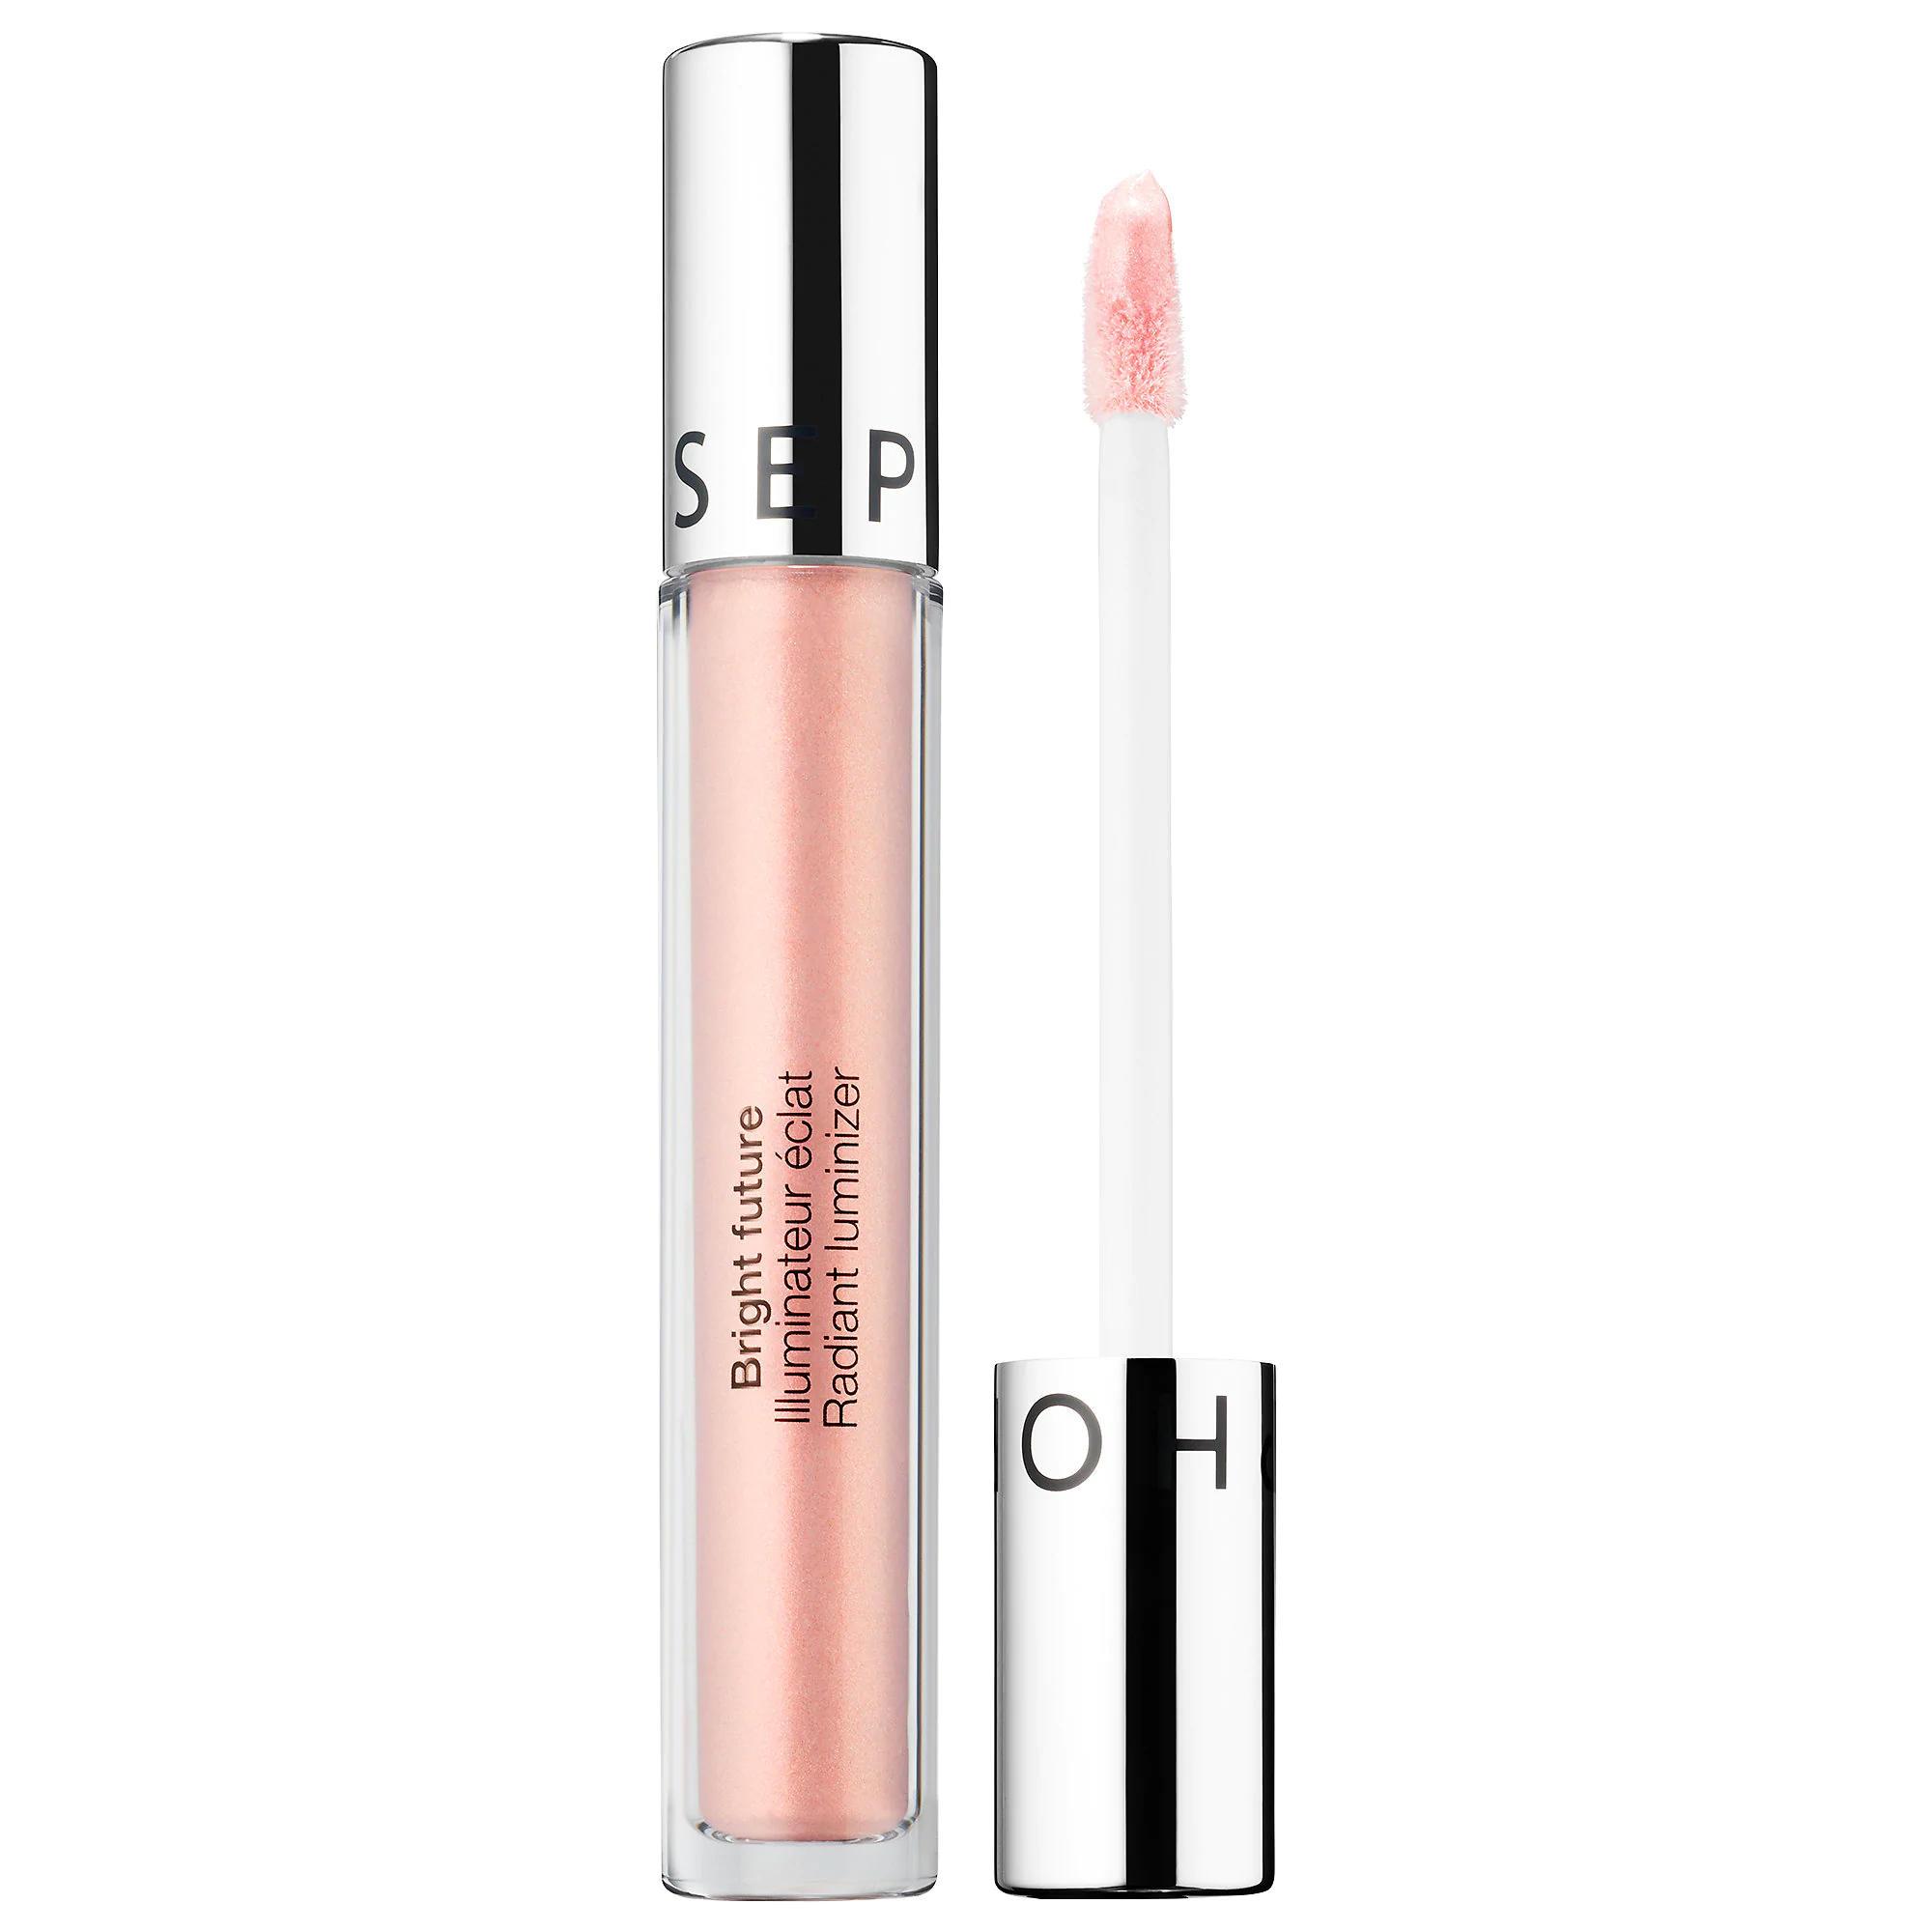 Sephora Bright Future Radiant Luminizer Rose 02